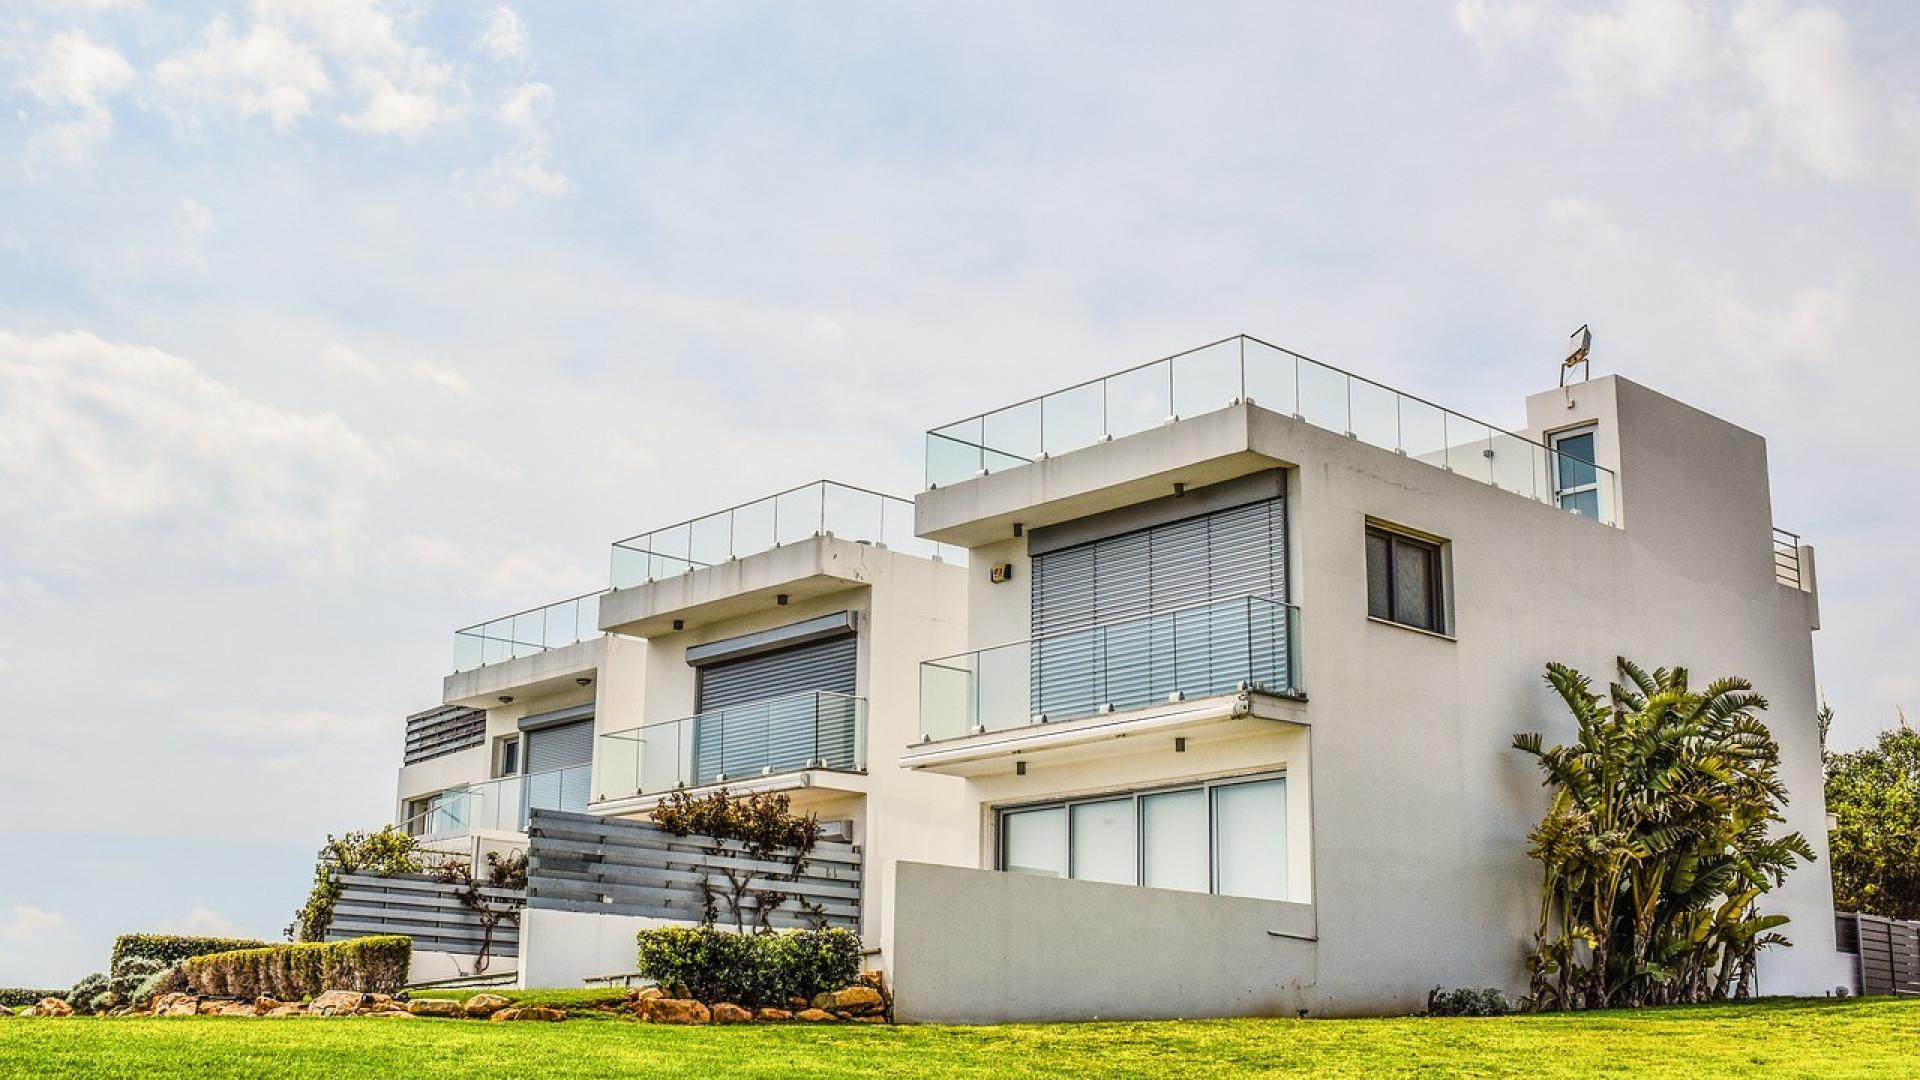 Le boom des réseaux immobiliers